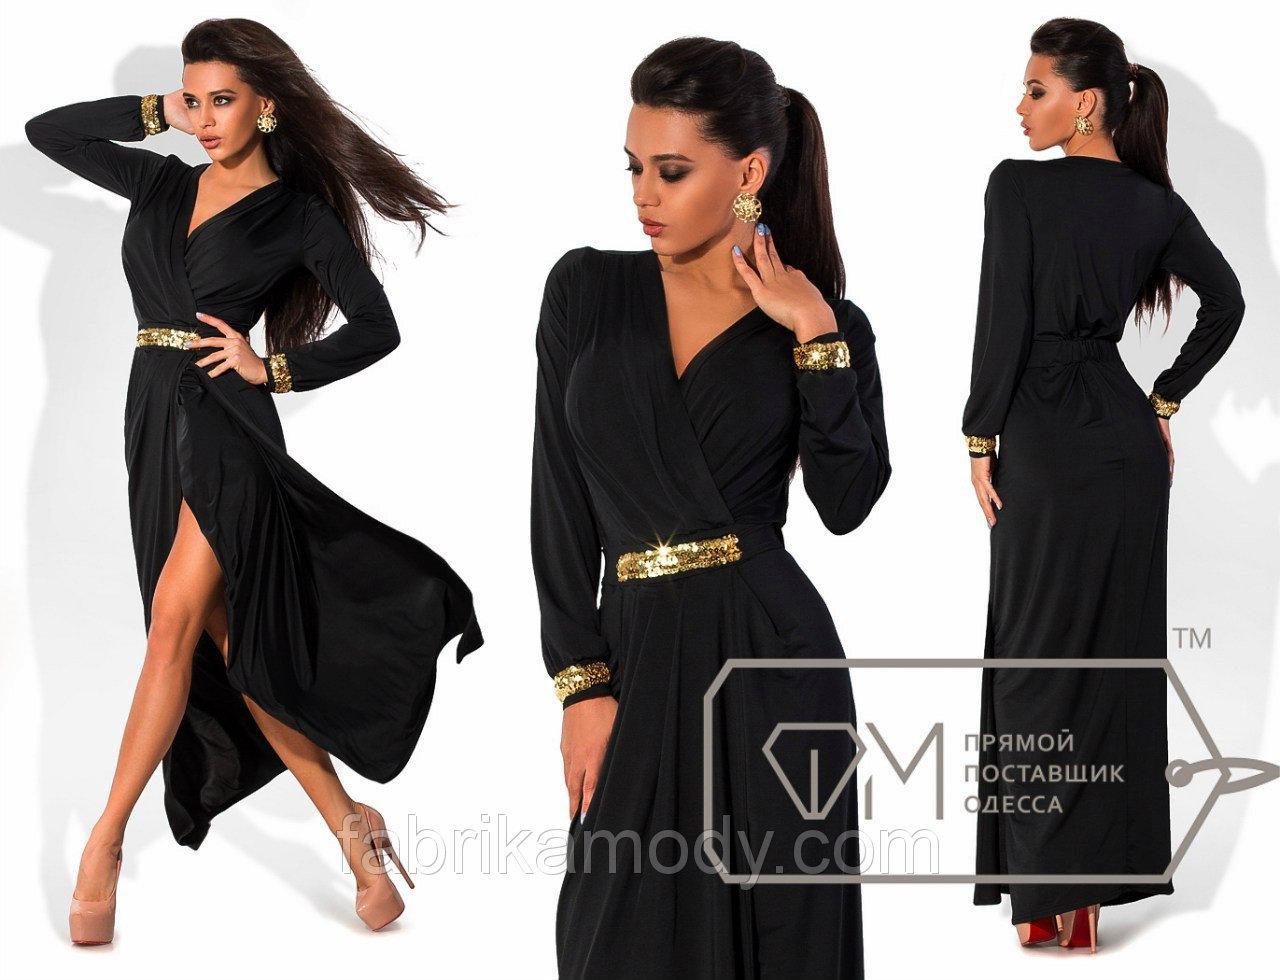 Платье в пол прямое на запахе с драпировкой из микромасла с пайетками на поясе и на манжетах рукавов 6794